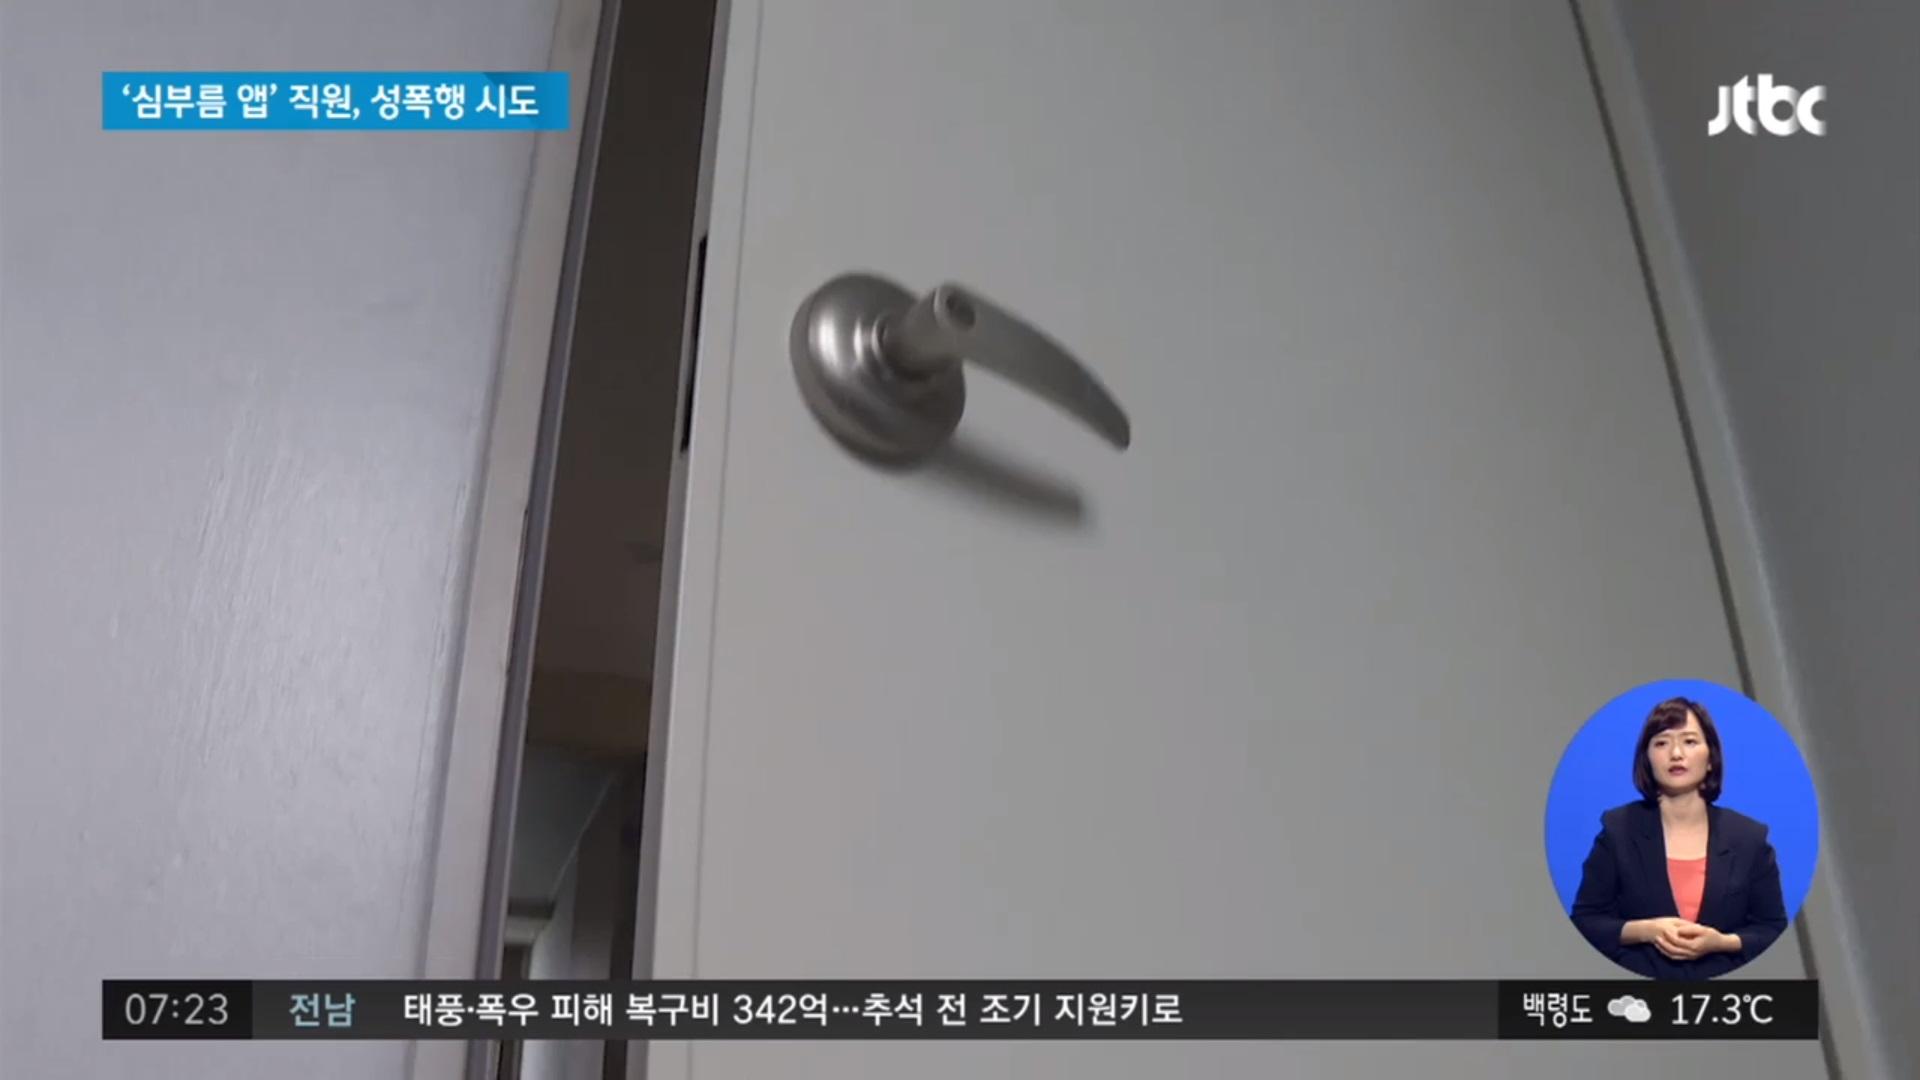 韓國人自己不喜歡做的差事,就會透會跑腿機構安排他人上門辦理,結果這次有人差點遭到強暴。